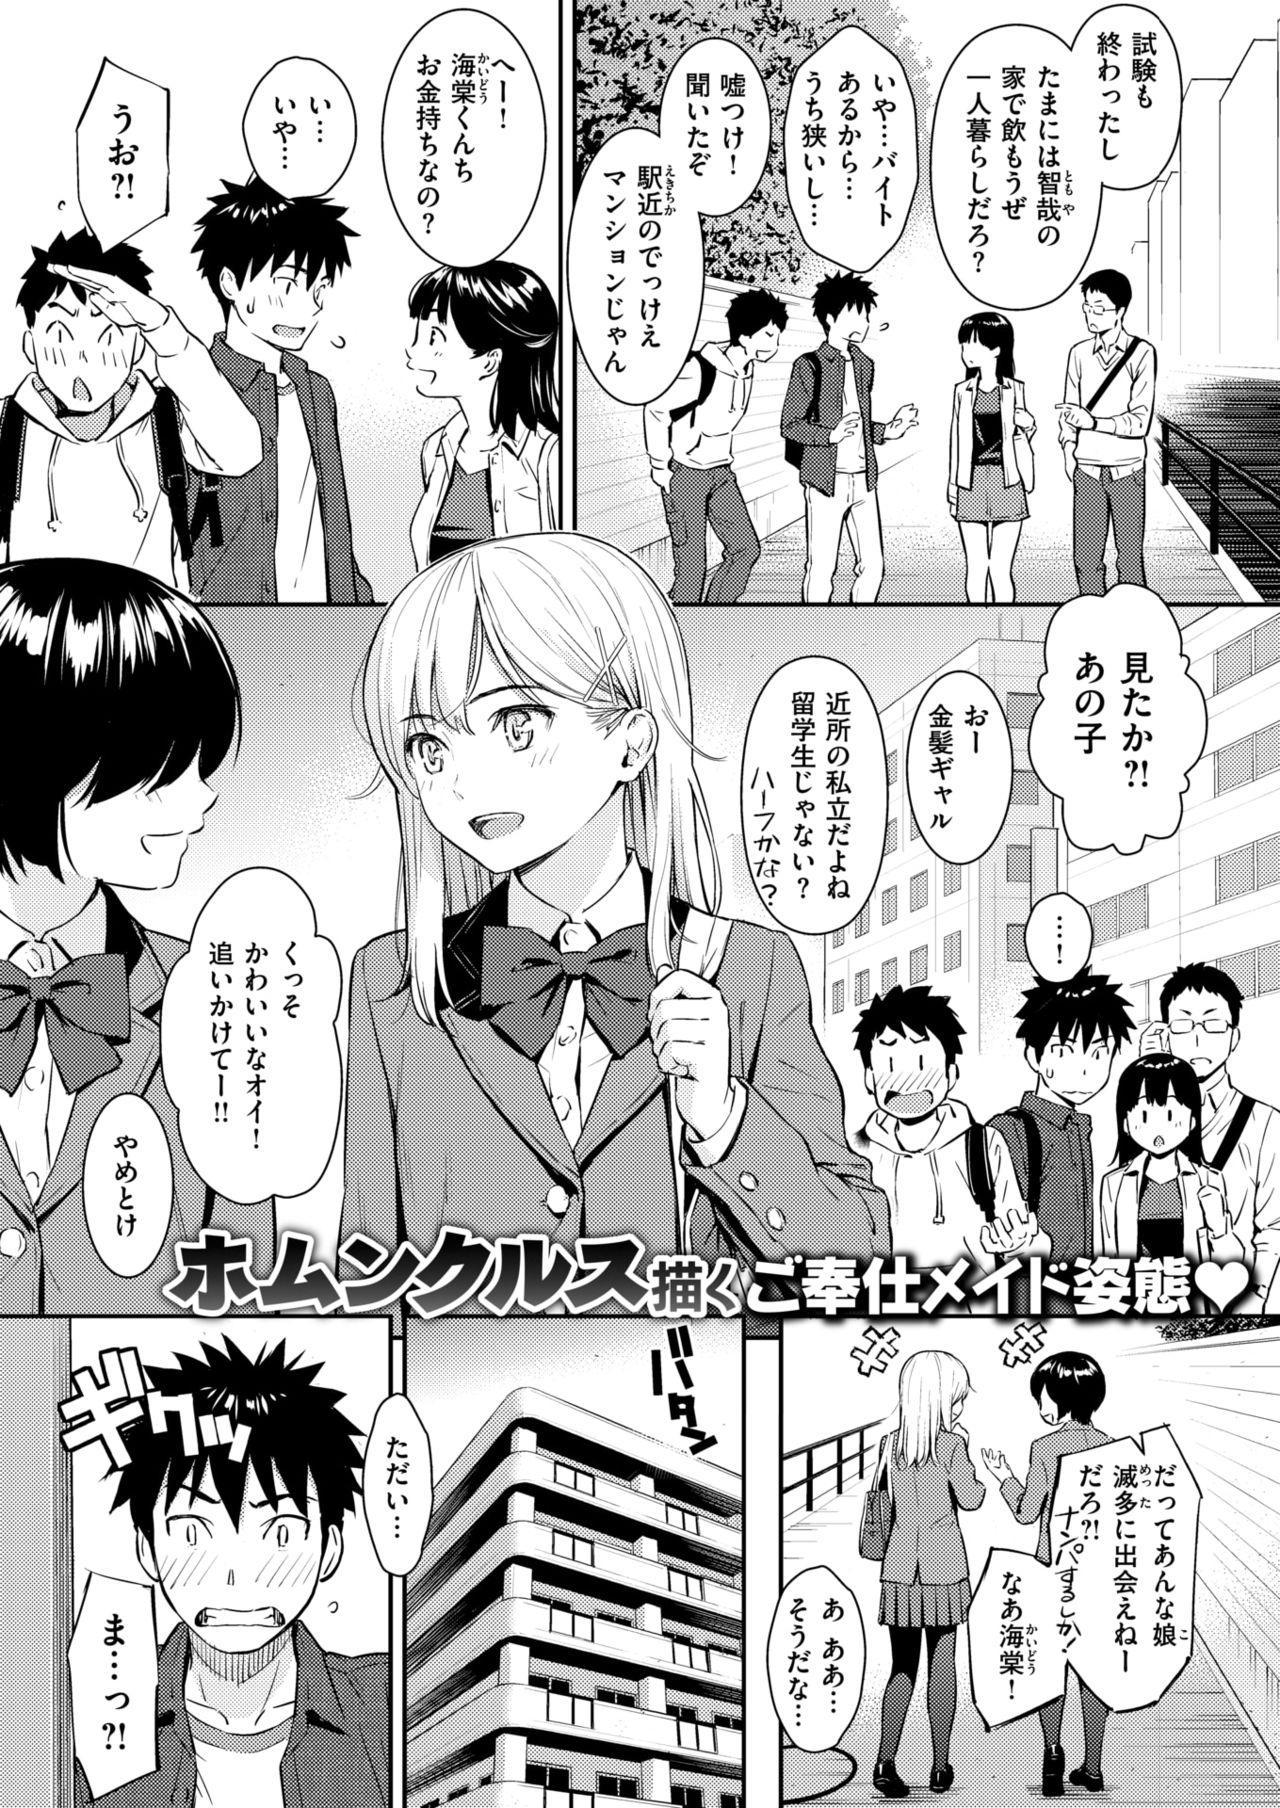 COMIC Kairakuten 2019-01 28